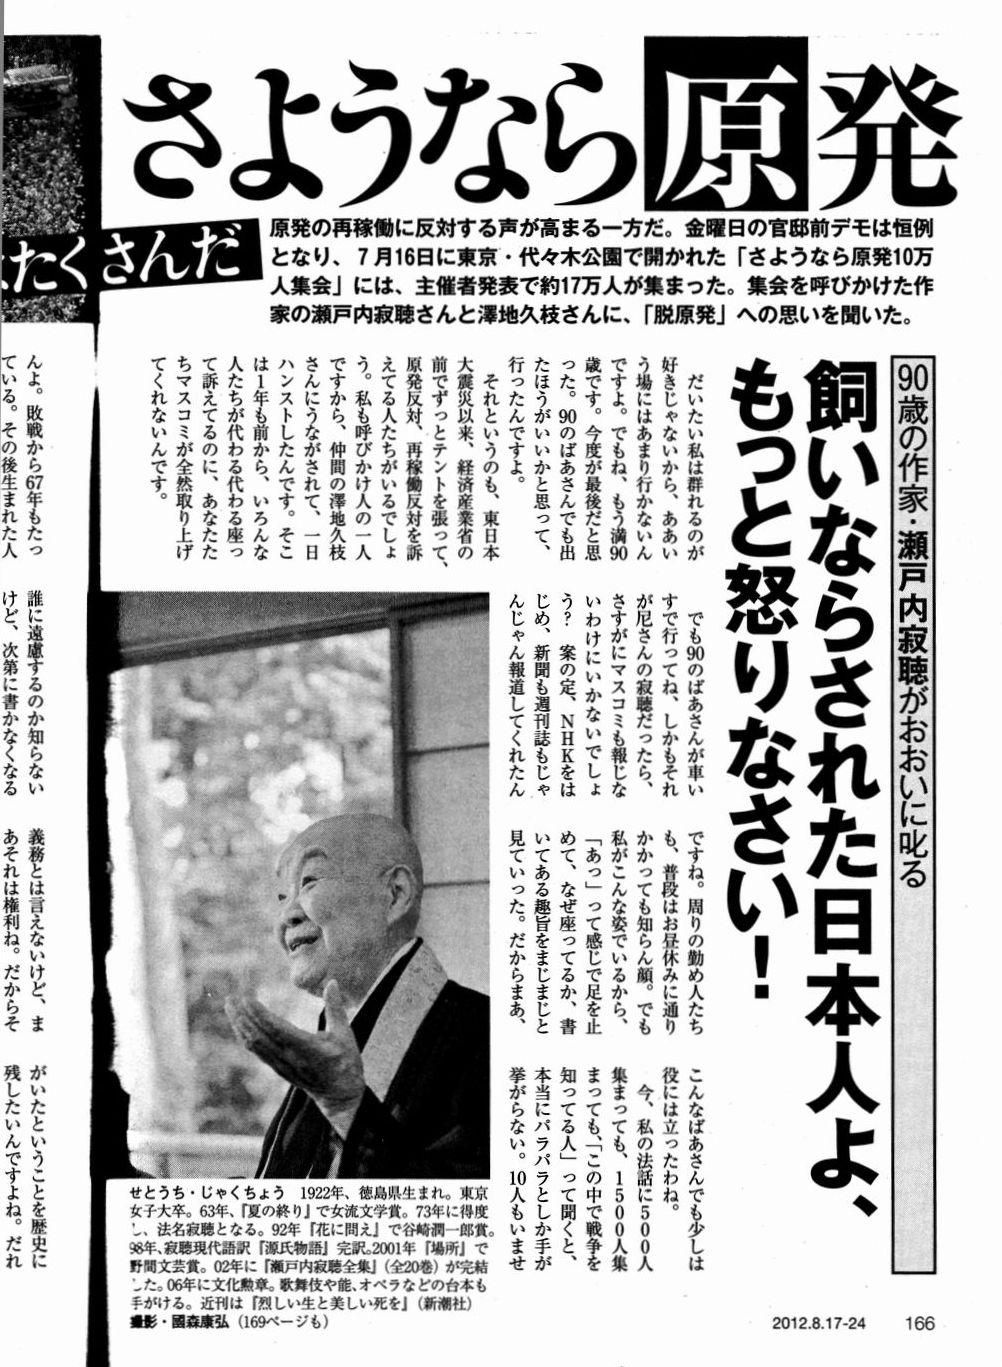 週刊朝日p166